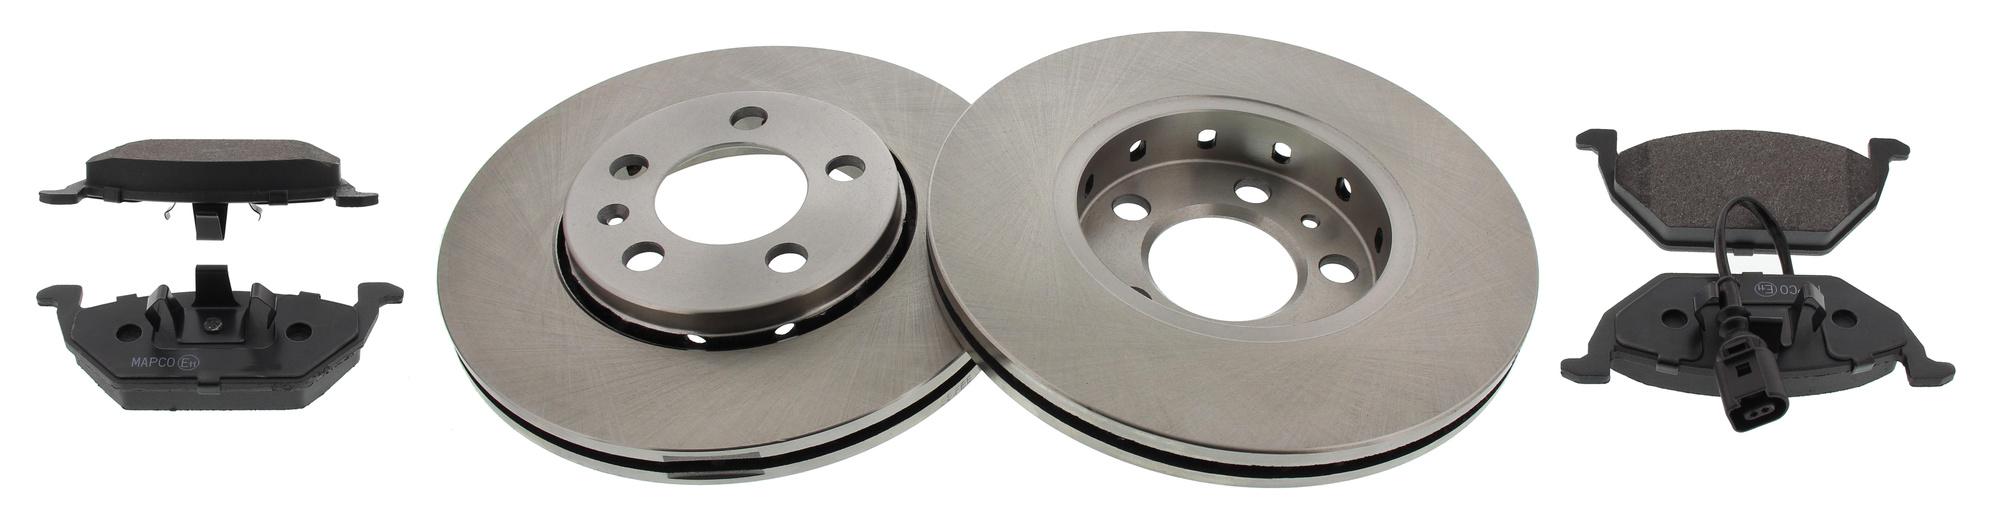 MAPCO 47855 brake kit